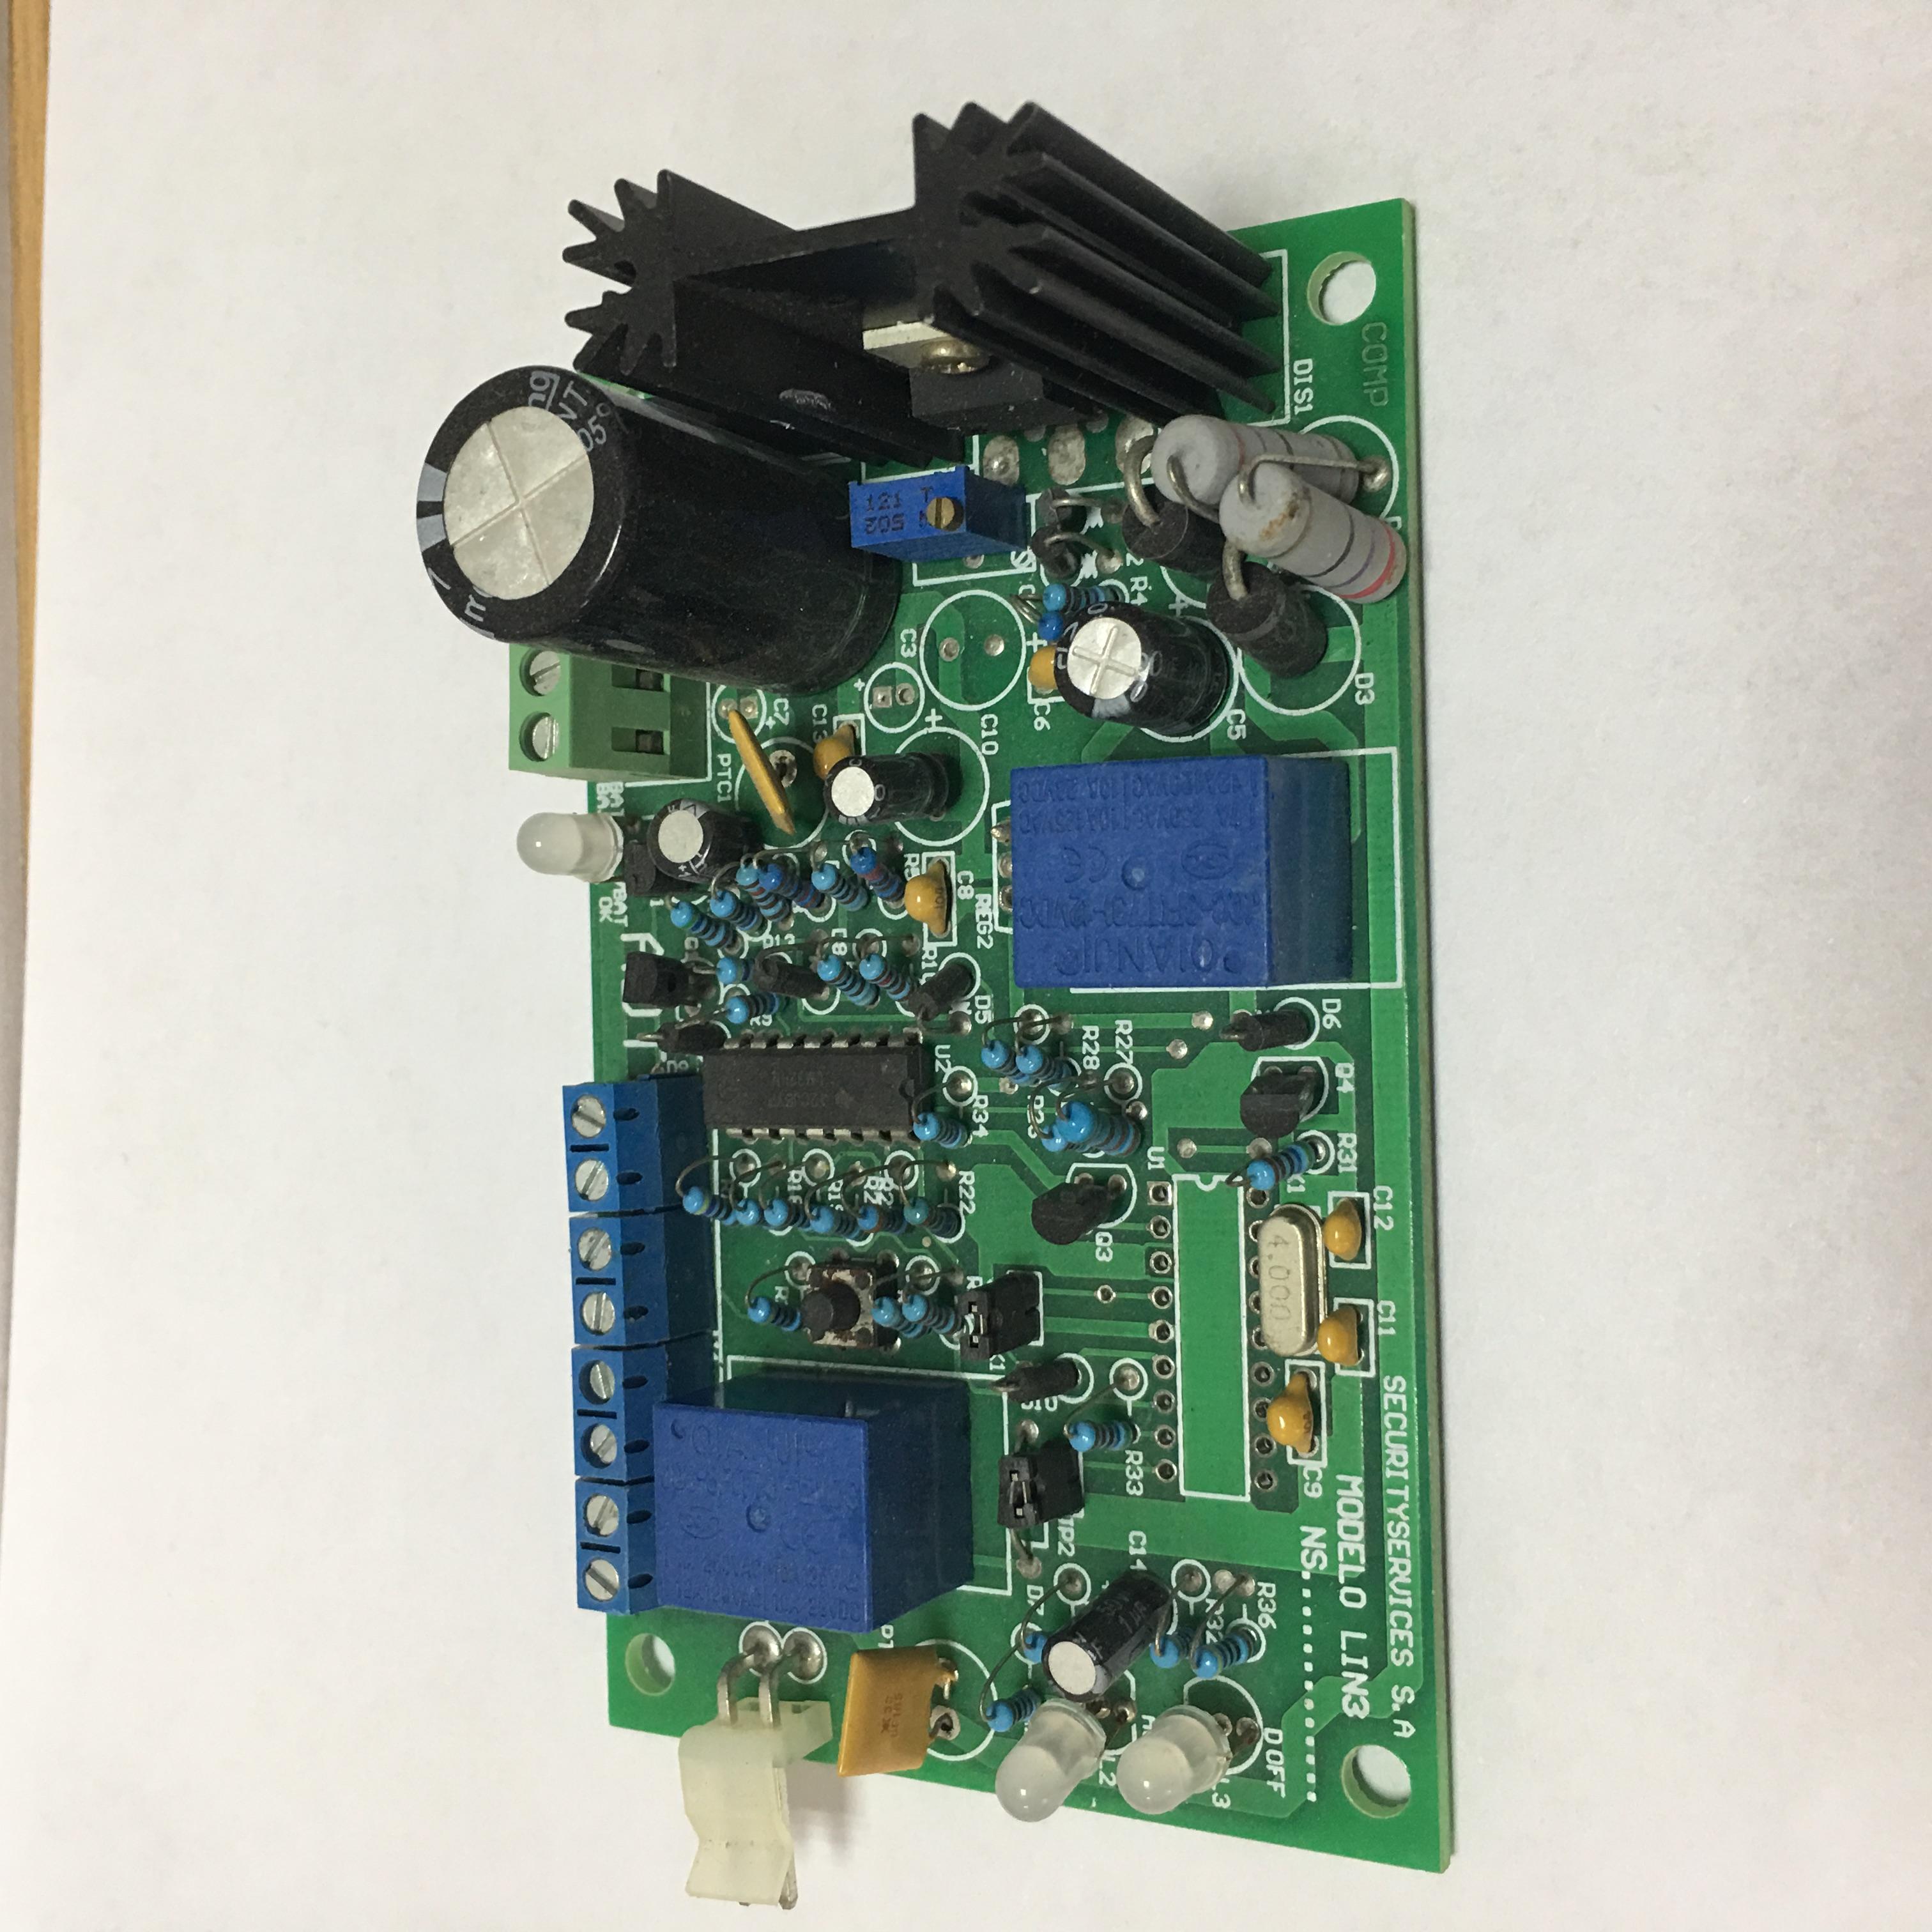 China Pcb Printed Circuit Board China Prototype Pcb Assembly